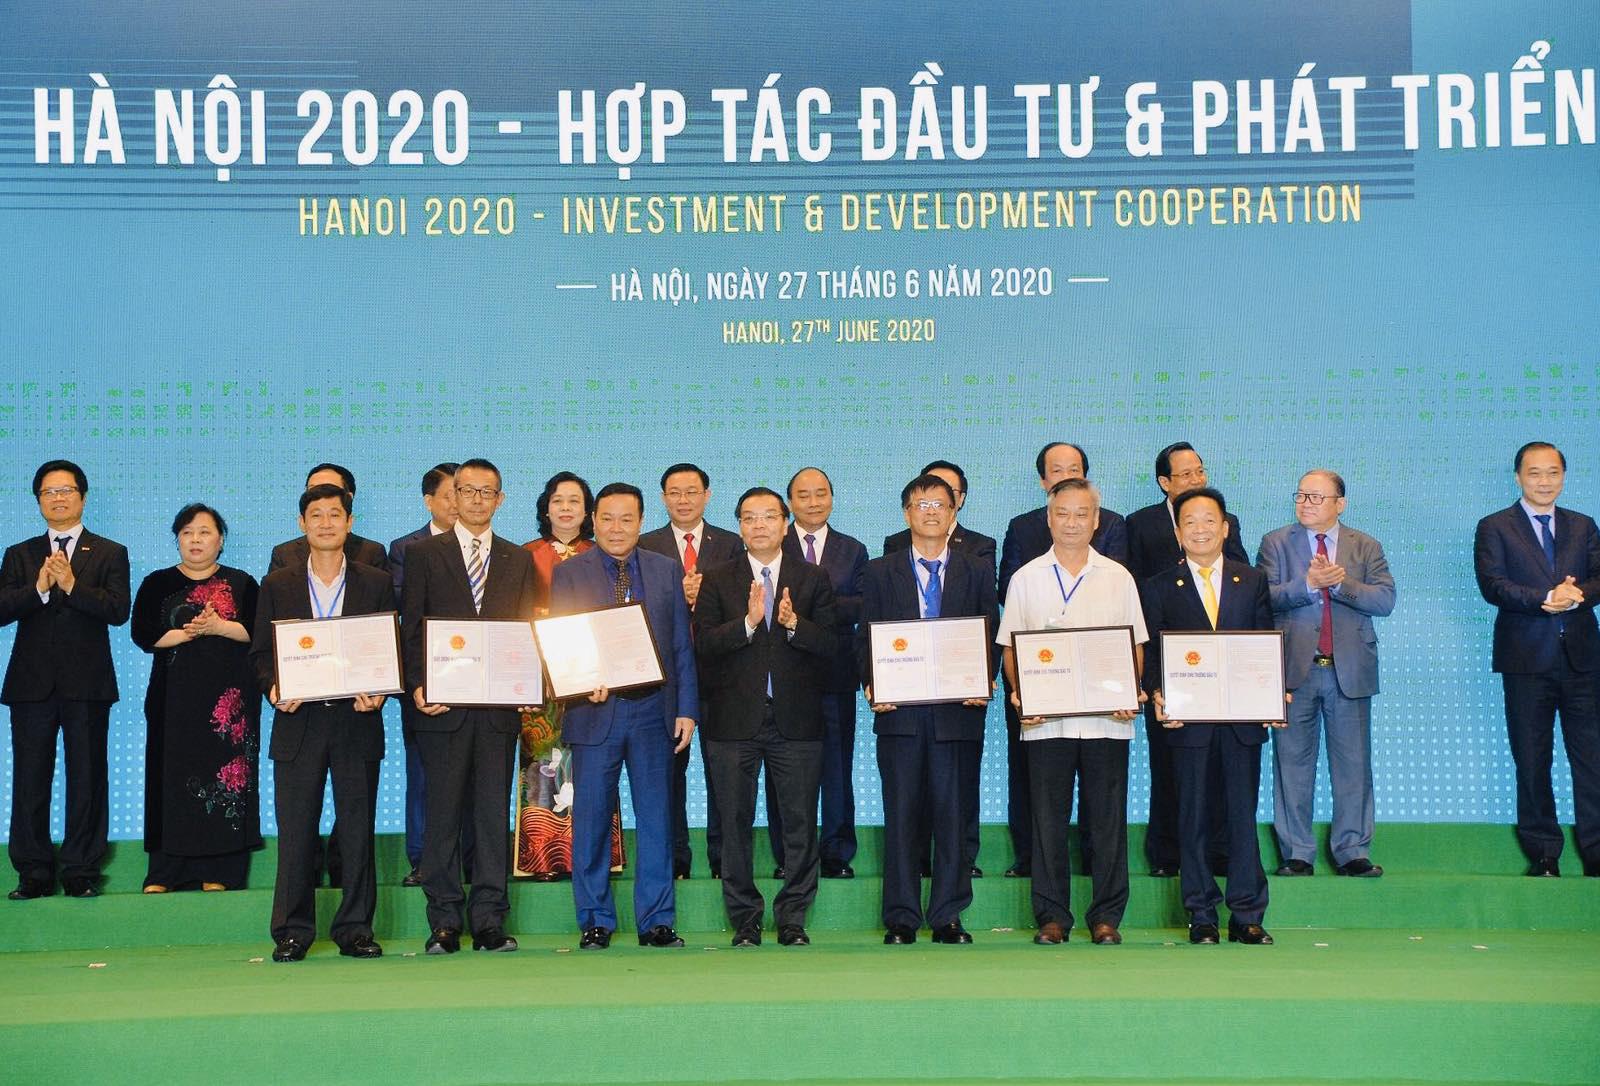 """T&T Group của """"Bầu Hiển"""" đăng ký đầu tư hơn 700 triệu USD vào Thủ đô Hà Nội - Ảnh 1."""